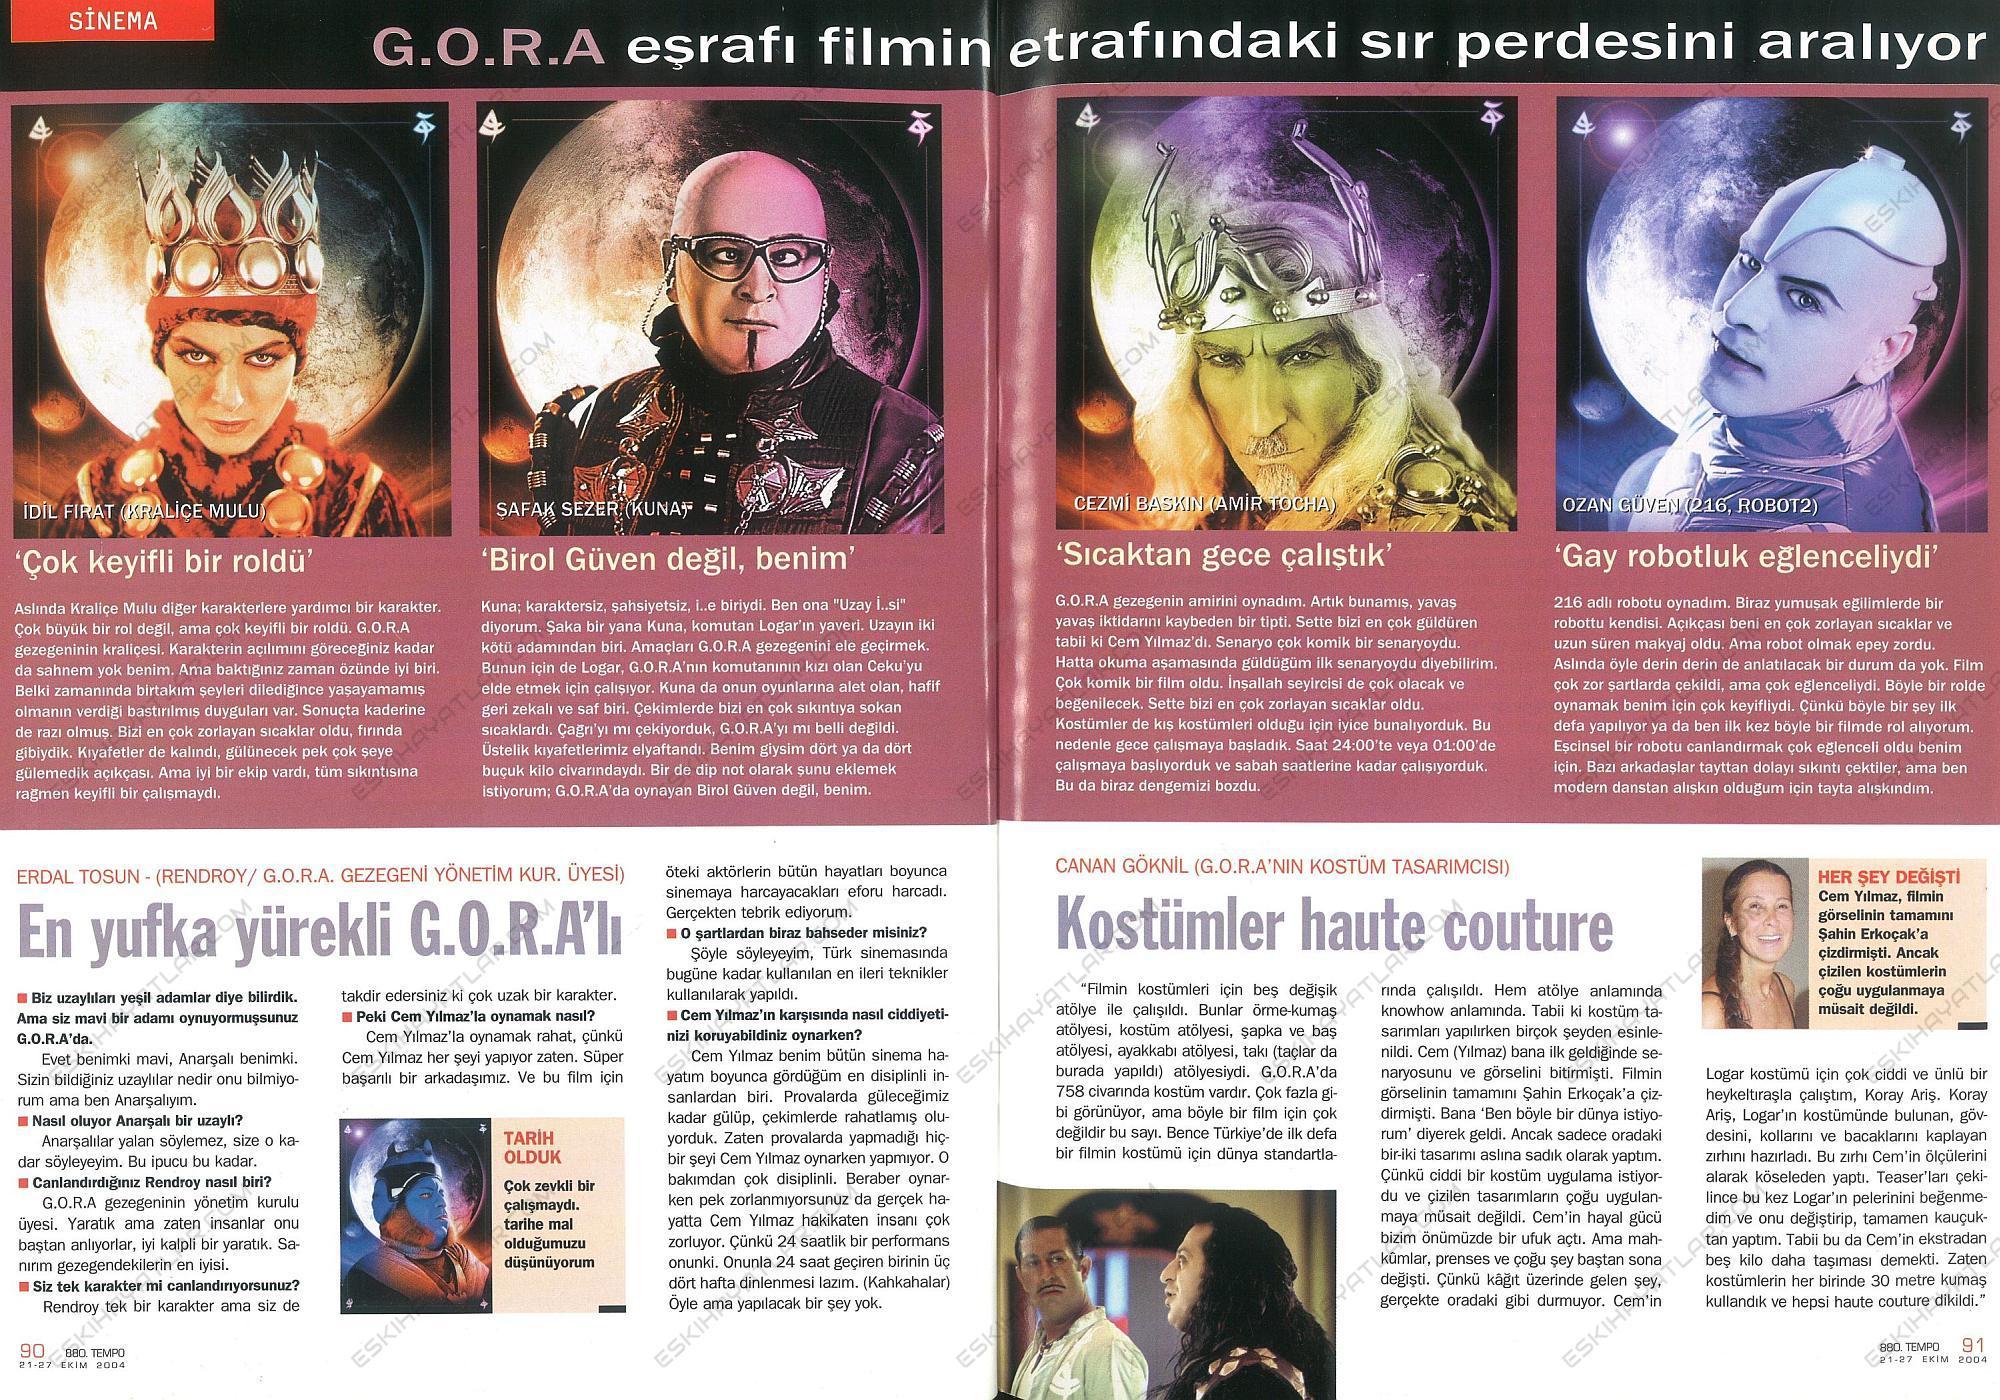 0276-gora-filmi-ne-zaman-cekildi-gora-filmi-perde-arkasi-goruntuleri (4)